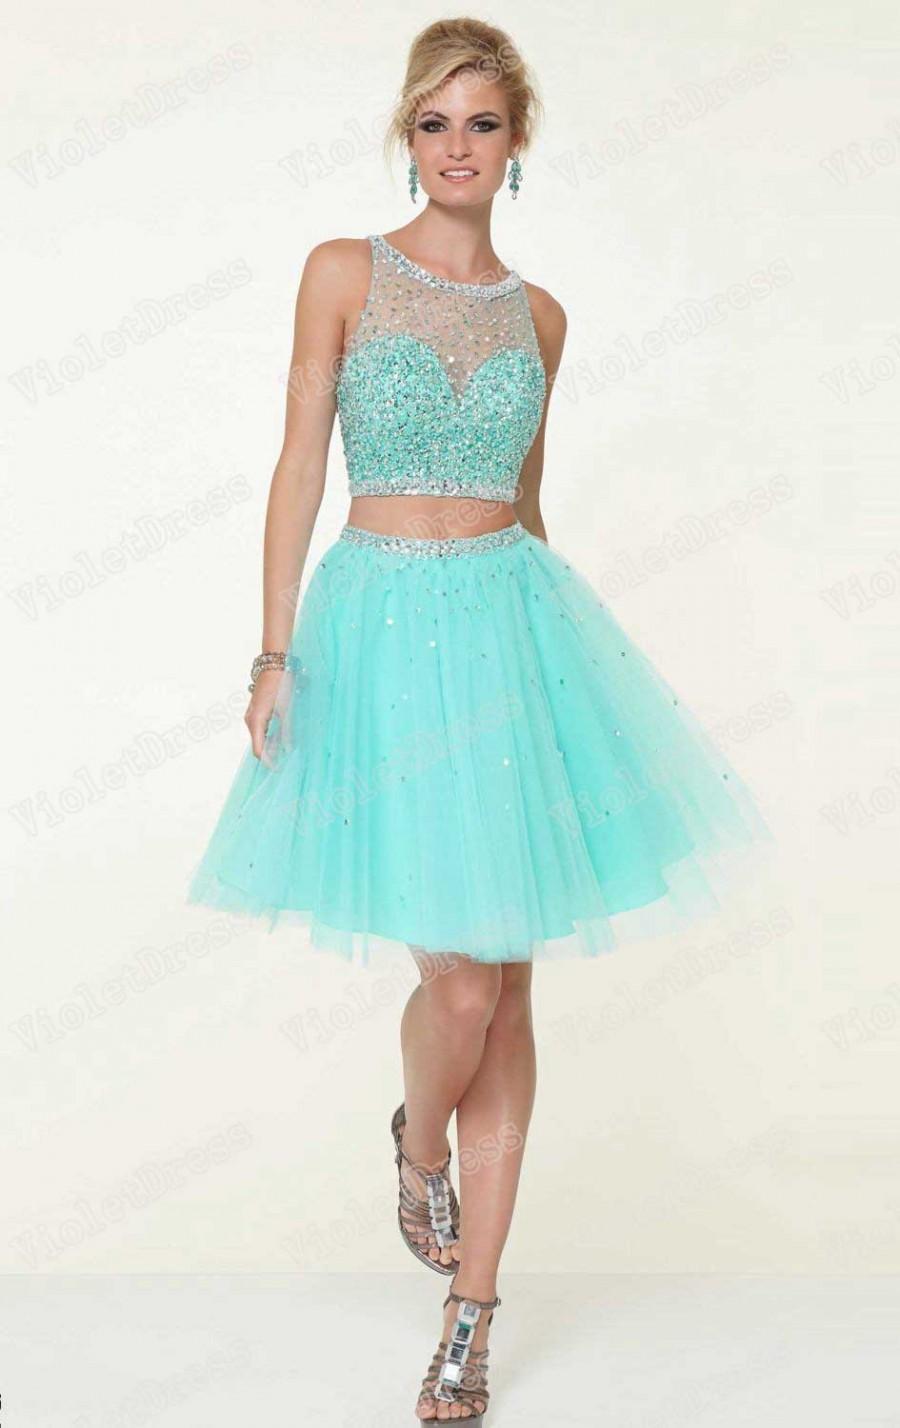 Short Diamond Prom Dresses – fashion dresses